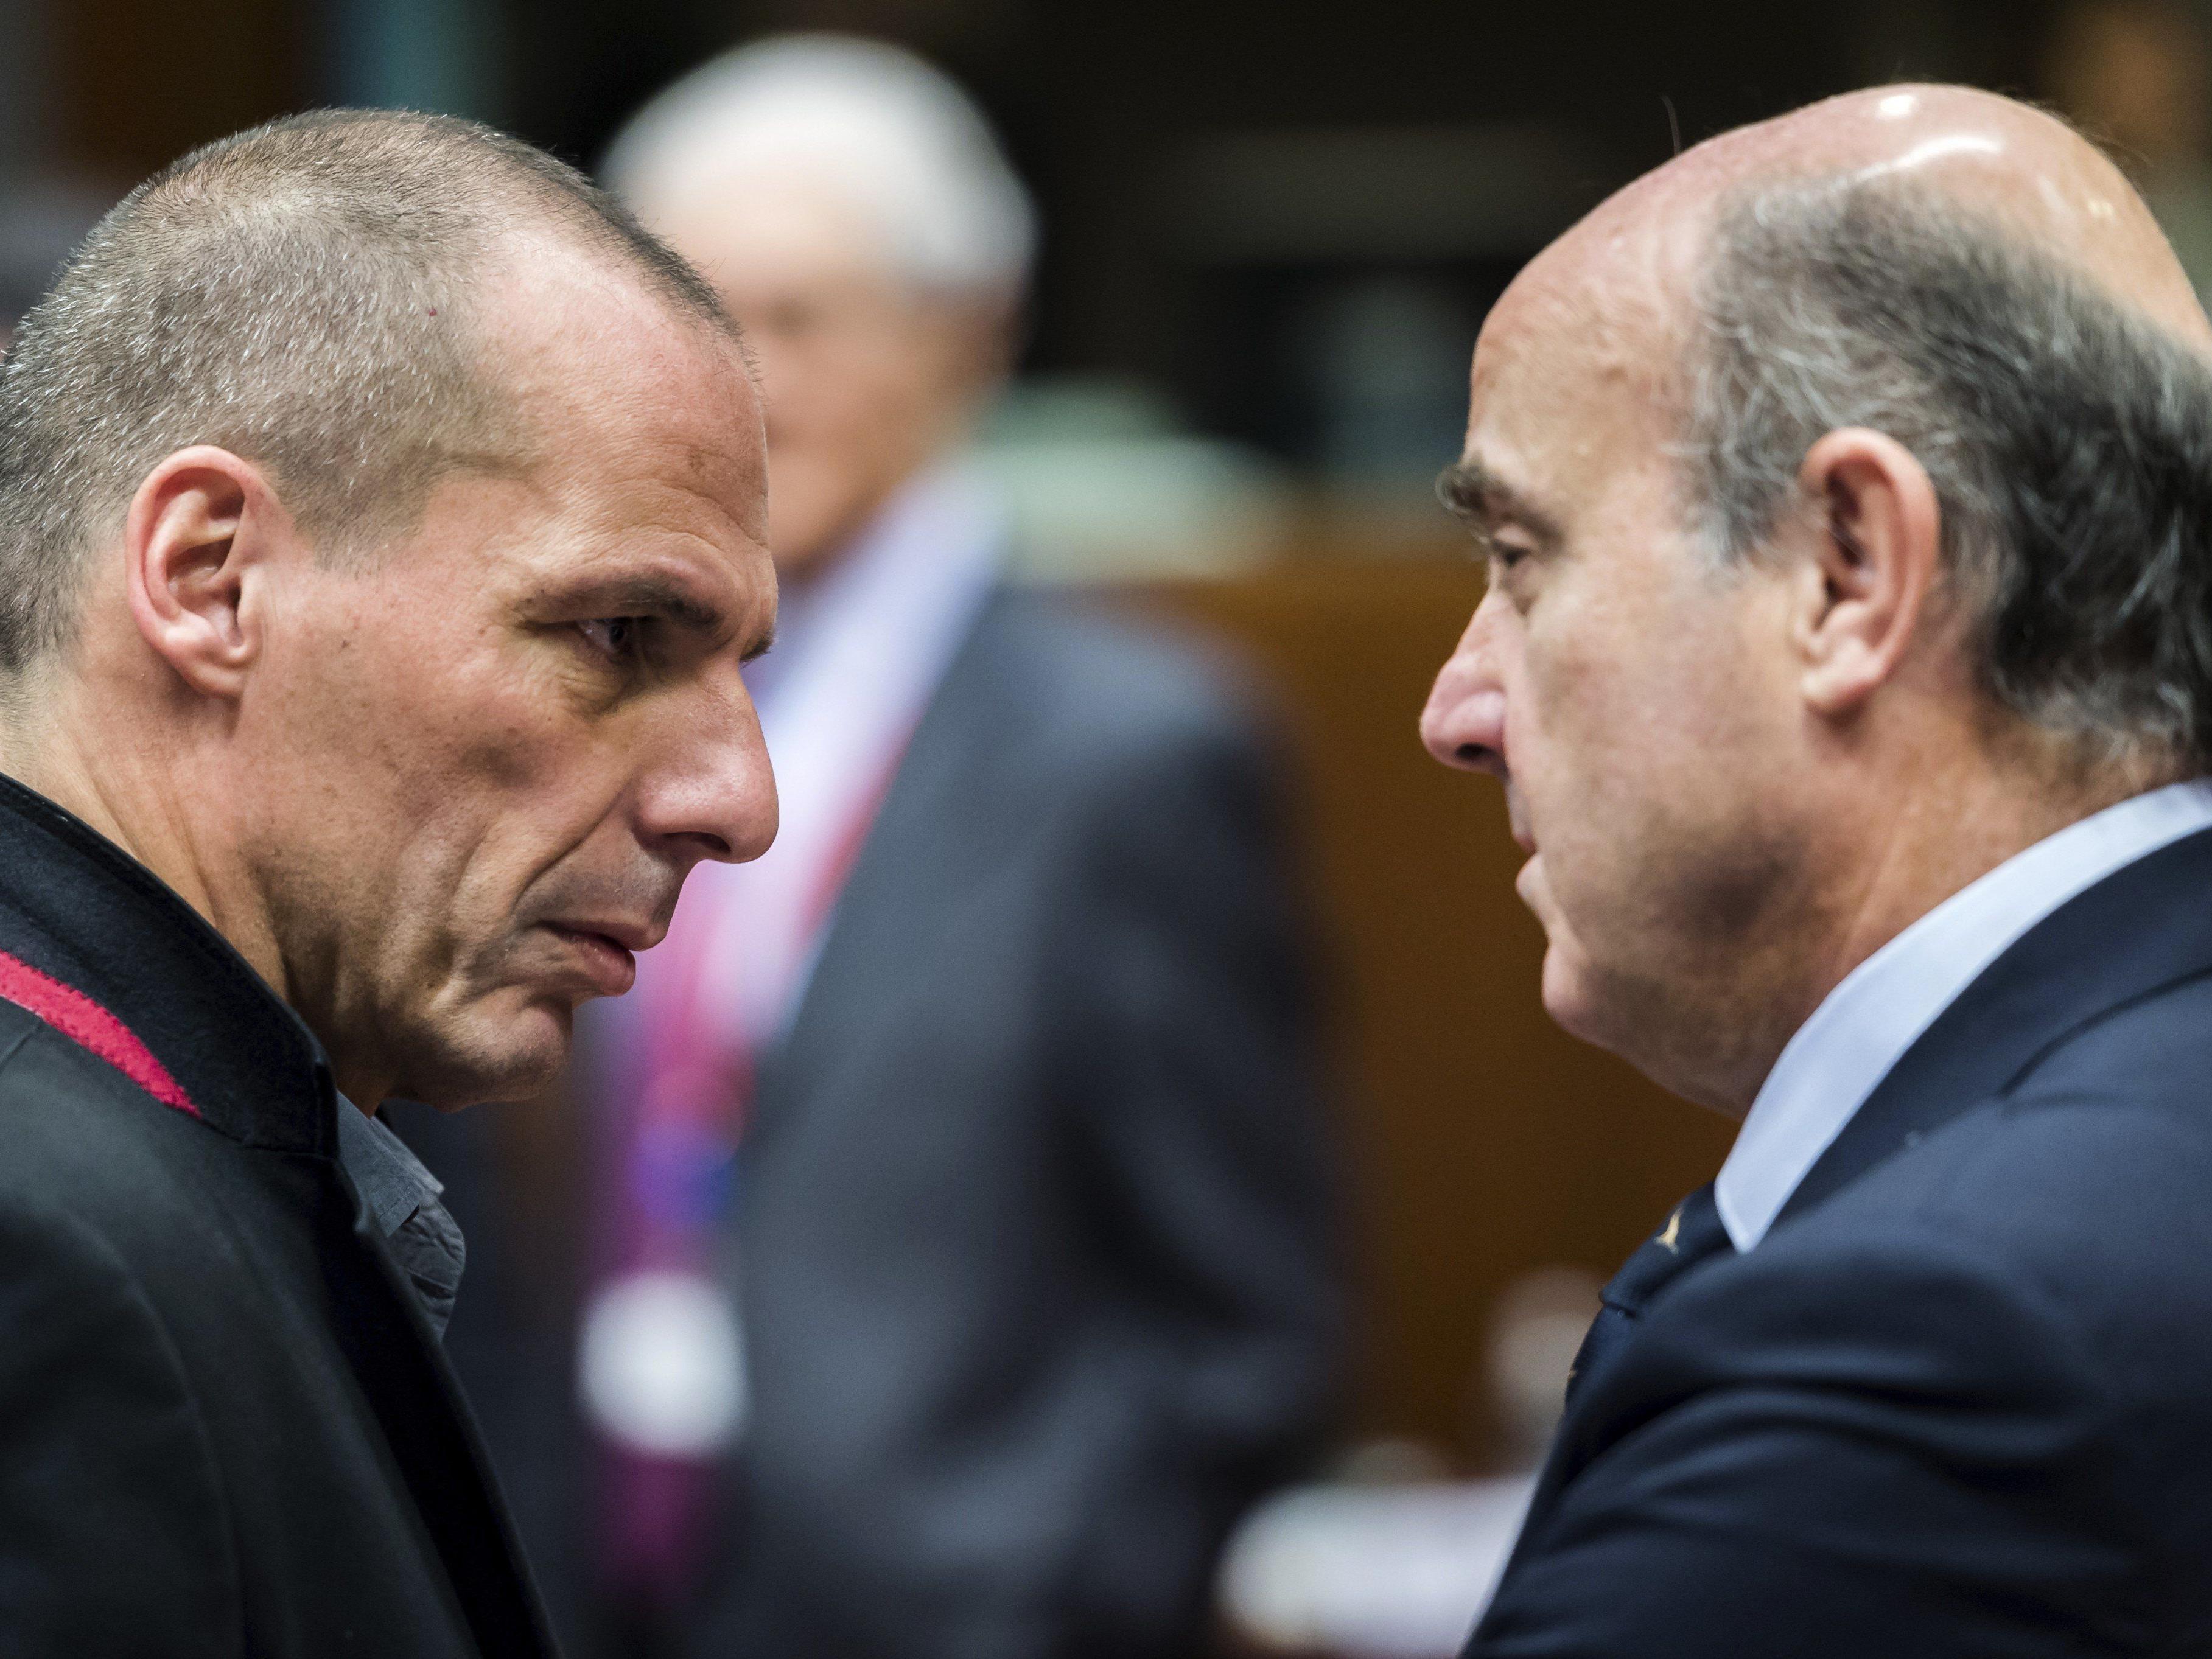 Griechen wollen Hilfsprogramm offenbar doch verlängern - Antrag soll noch am Mittwoch eingebracht werden